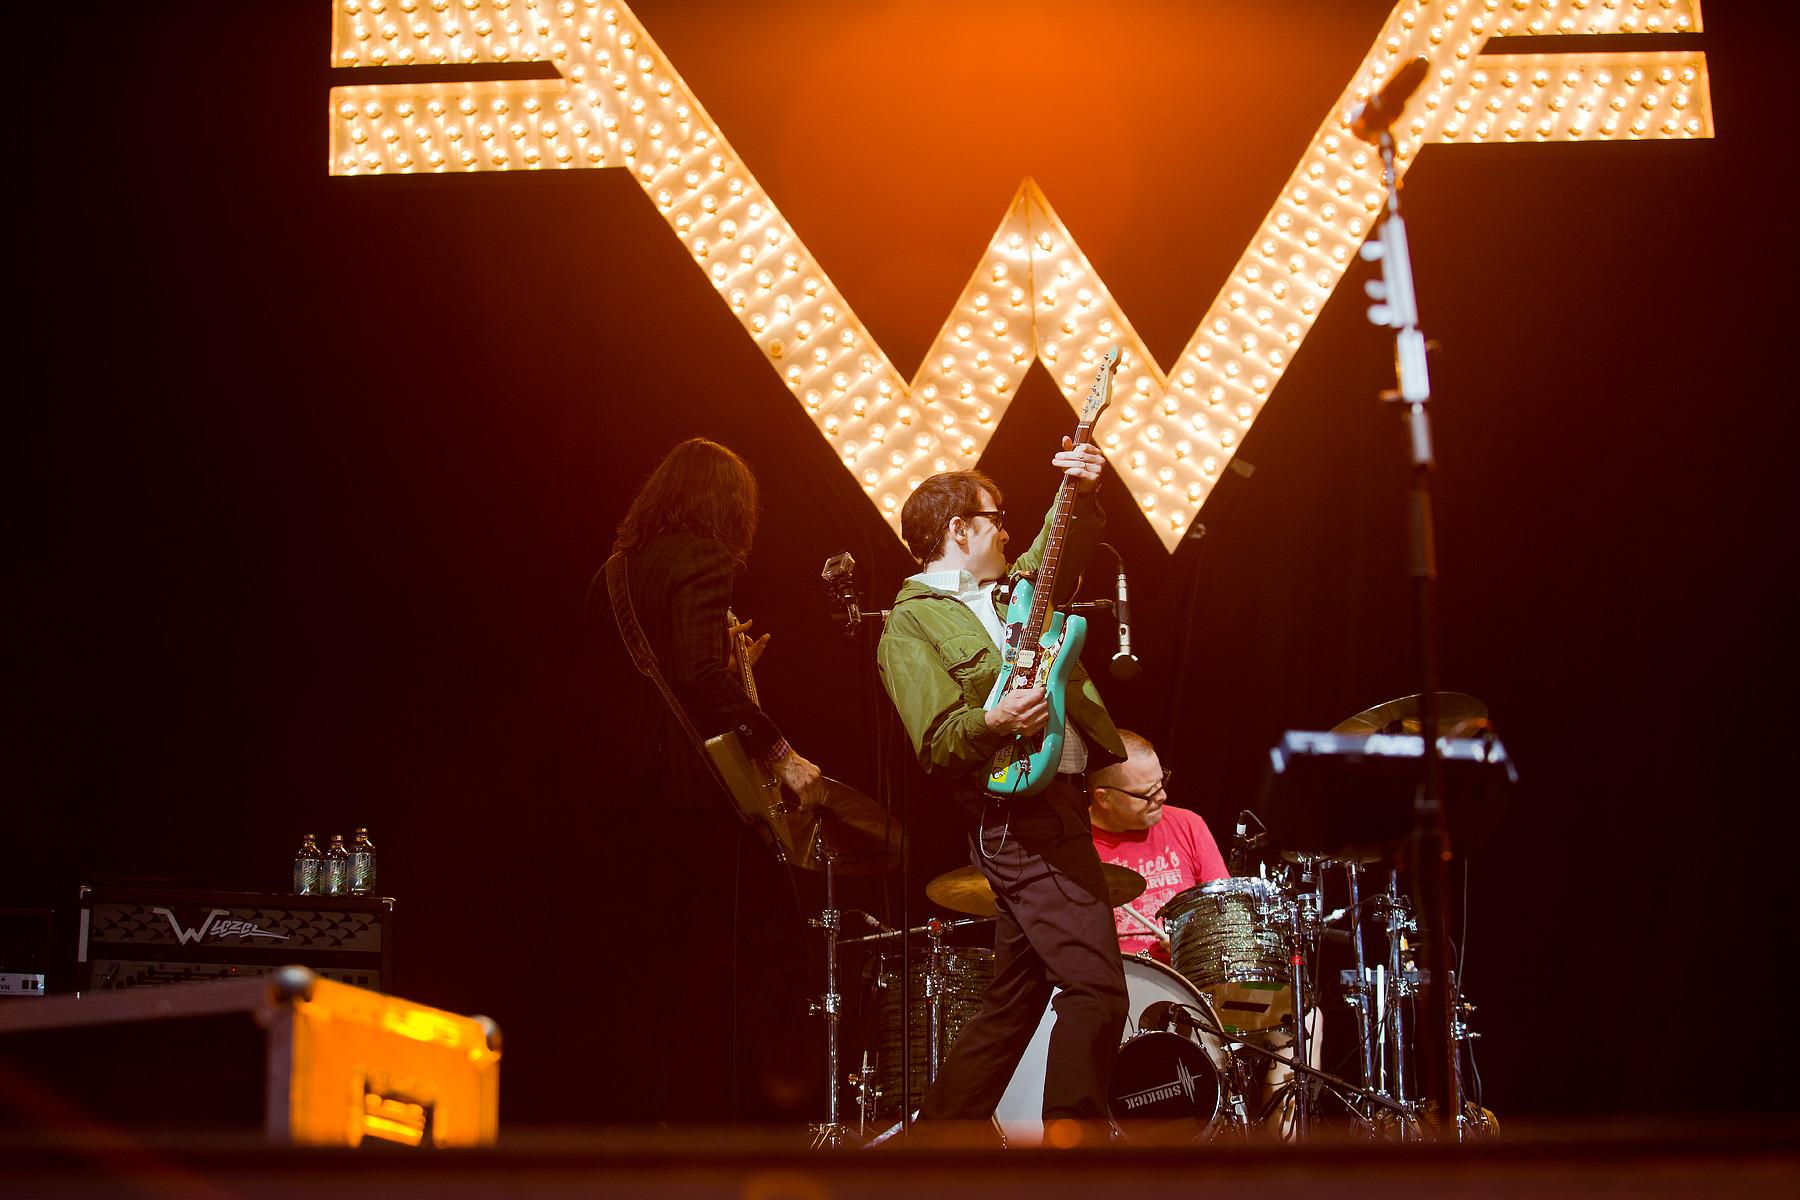 Weezer // Downsview Park